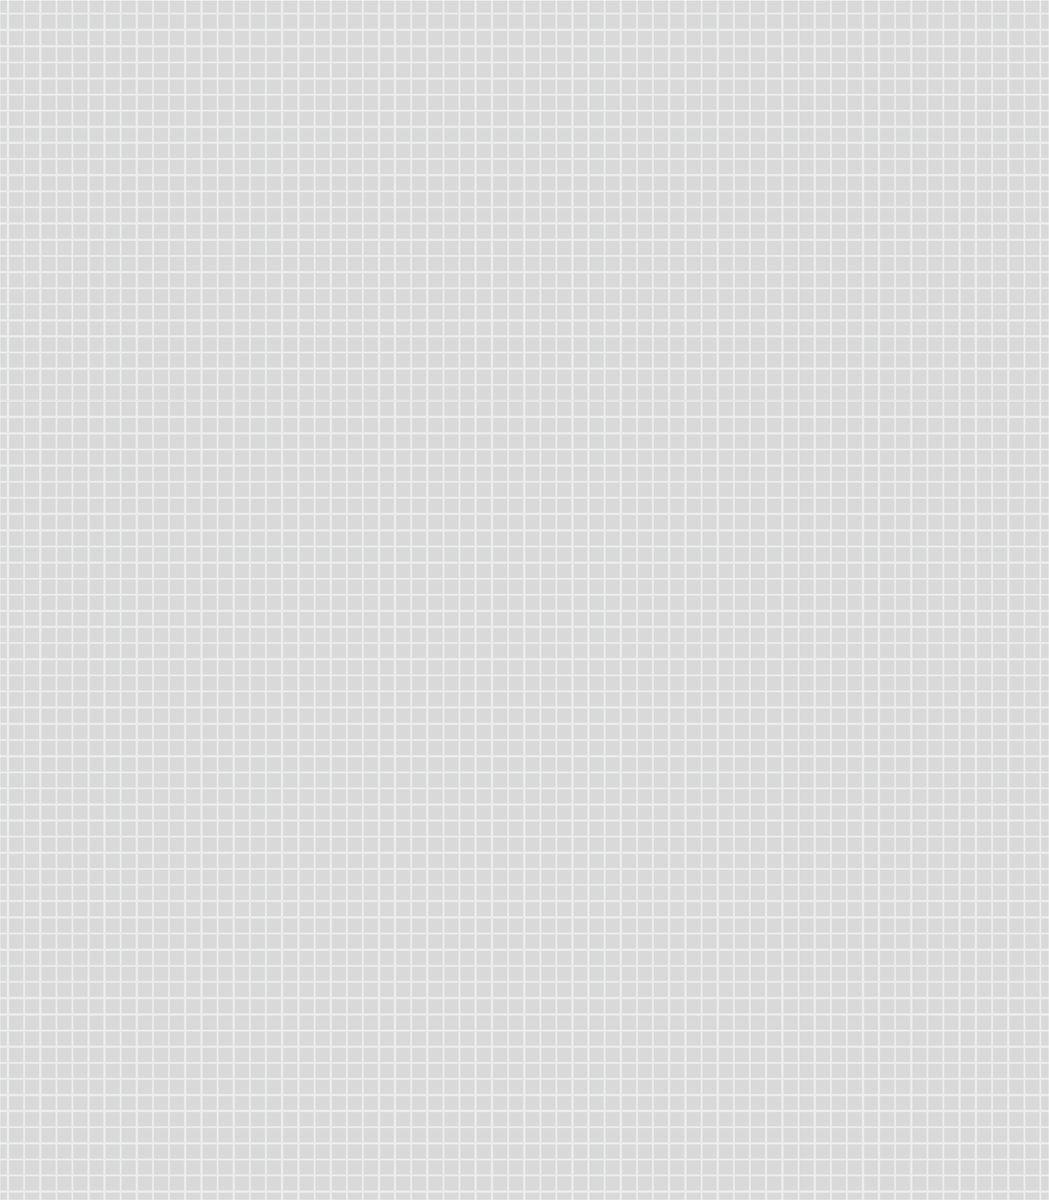 """Штора Vanstore """"Квадраты"""", выполненная из ПЕВА и EVA  (вспененный этиленвинилацетат), оформлена рисунком в  виде мелких квадратов. Она надежно защитит от брызг и  капель пространство вашей ванной комнаты в то время,  пока вы принимаете душ. В  верхней кромке шторы предусмотрены отверстия для  пластиковых колец (входят в комплект). Оригинальный дизайн шторы наполнит вашу ванную  комнату положительной энергией.  Количество колец: 12 шт."""